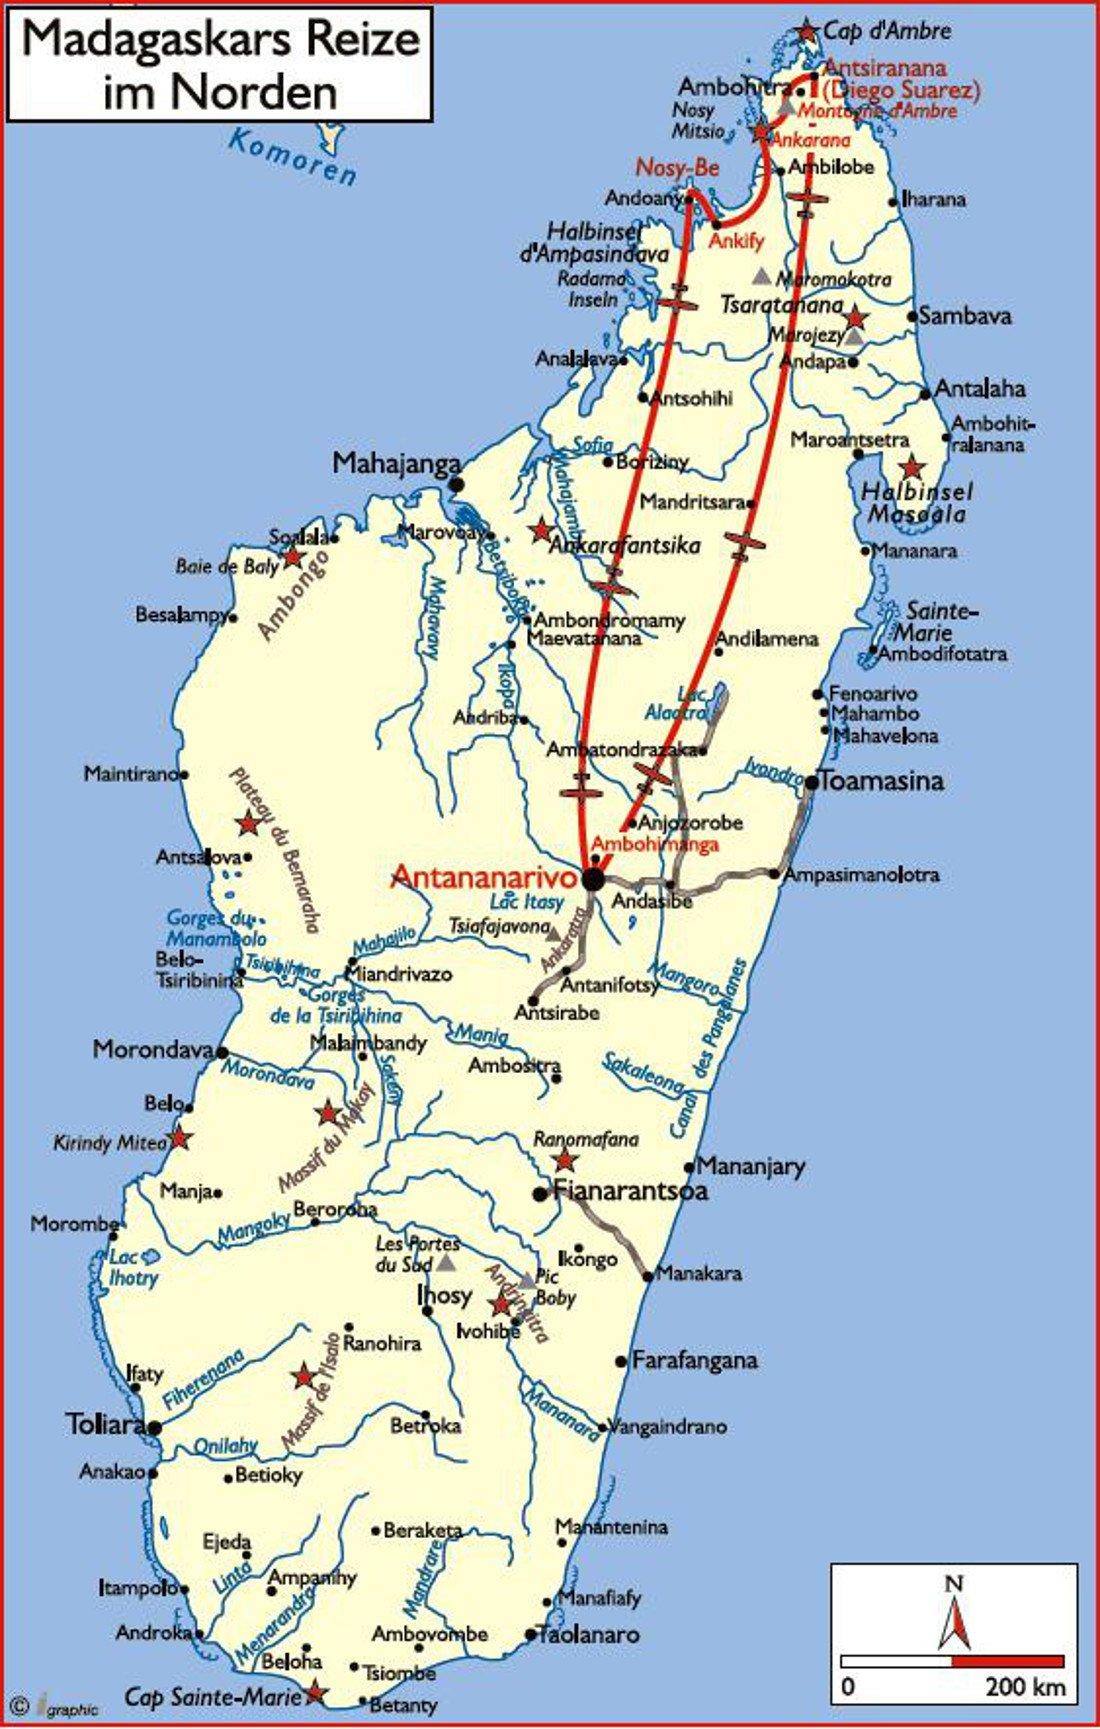 Madagaskar Reize im Norden Übersichtskarte Iwanowskis Reisen - afrika.de